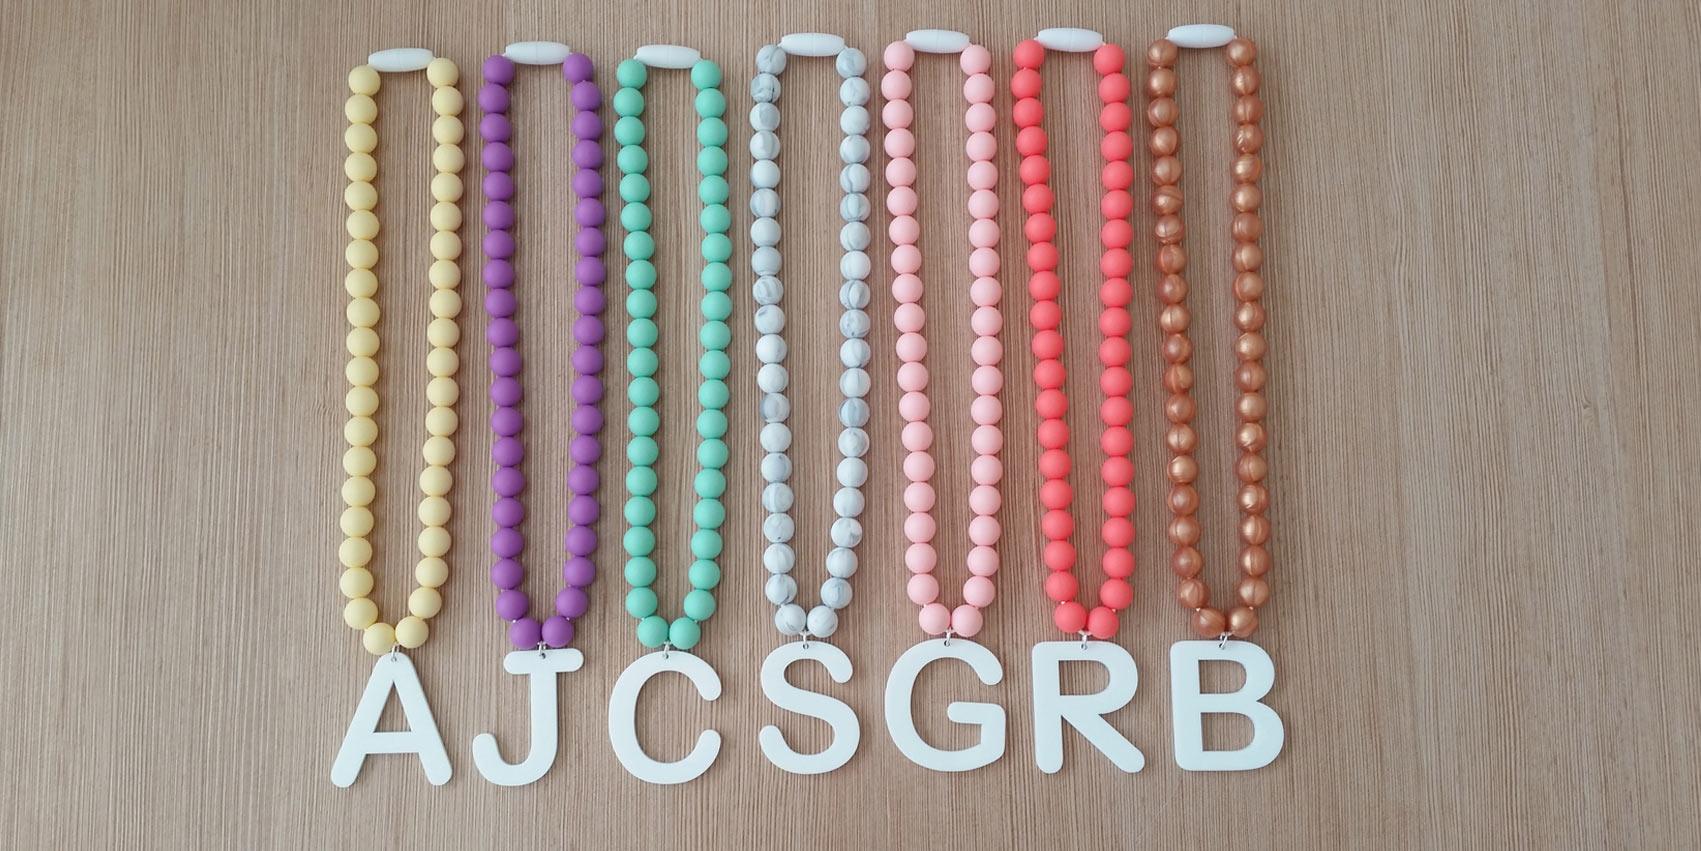 Necklaces_1.jpg